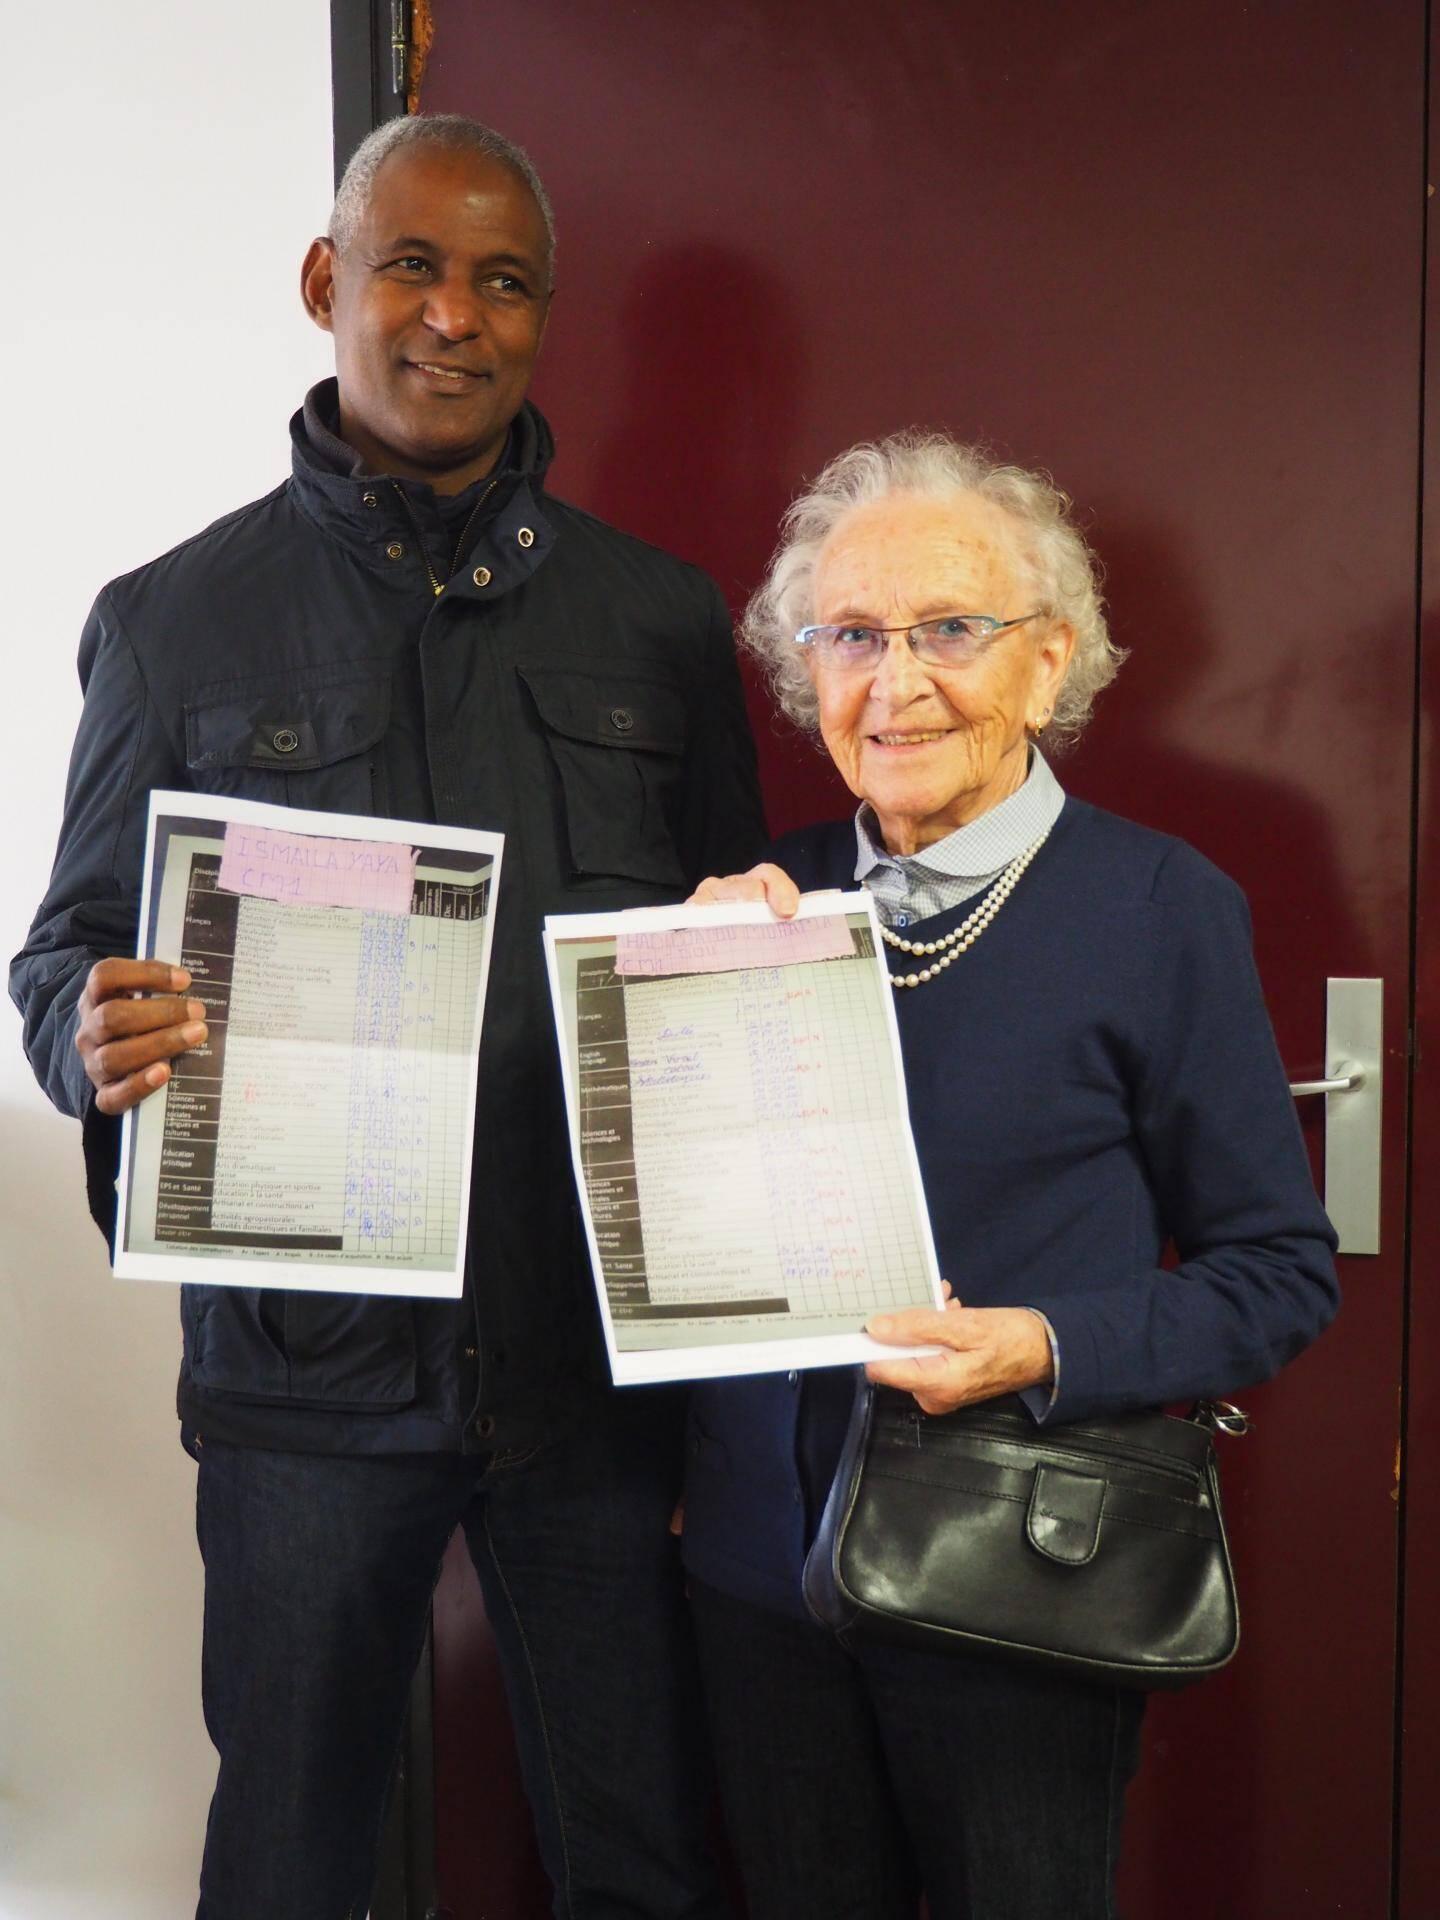 Jackie est très fière de montrer au président les bulletins fraîchement reçus de Hadidjatou et Ismaïla, deux enfants en CM1 qu'elle parraine.